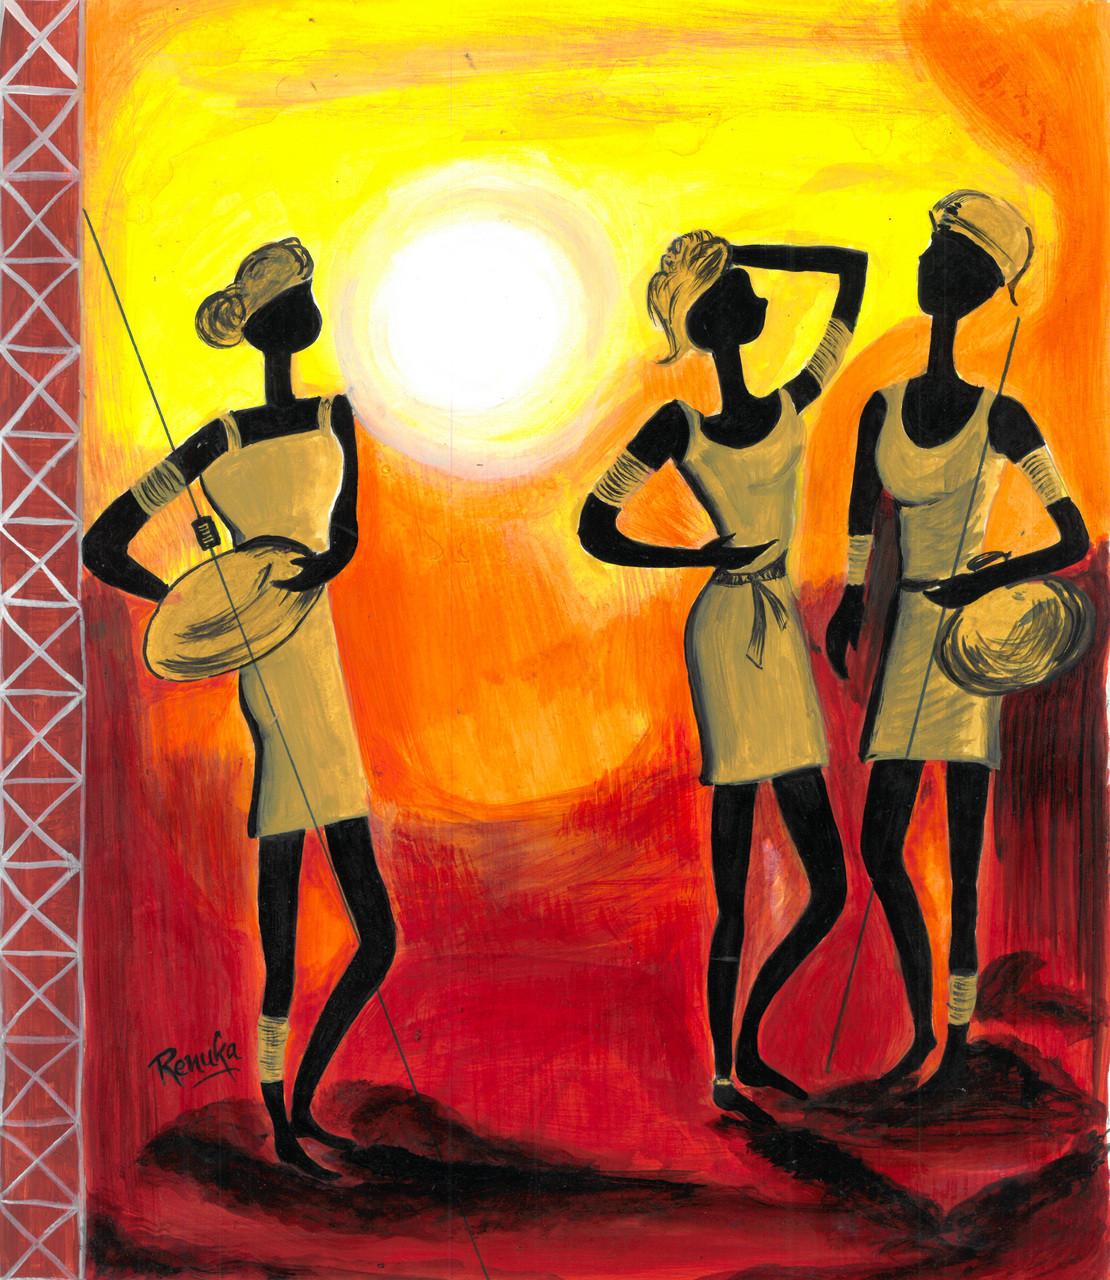 Buy Warli Art Handmade Painting By Renuka Bhandarkar Code Art 1926 15979 Paintings For Sale Online In India